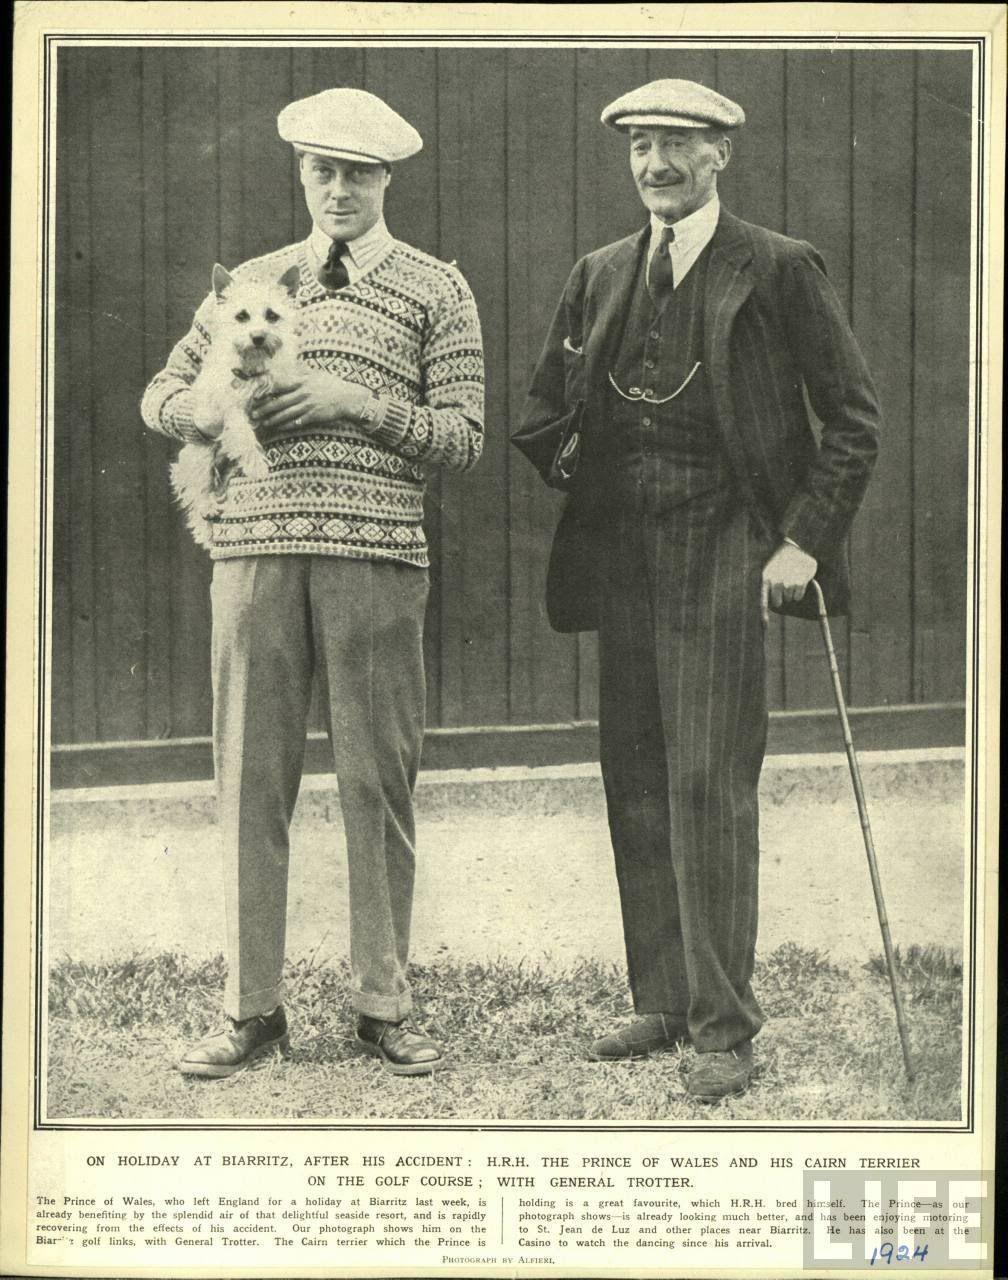 国王和他的费尔岛毛衣